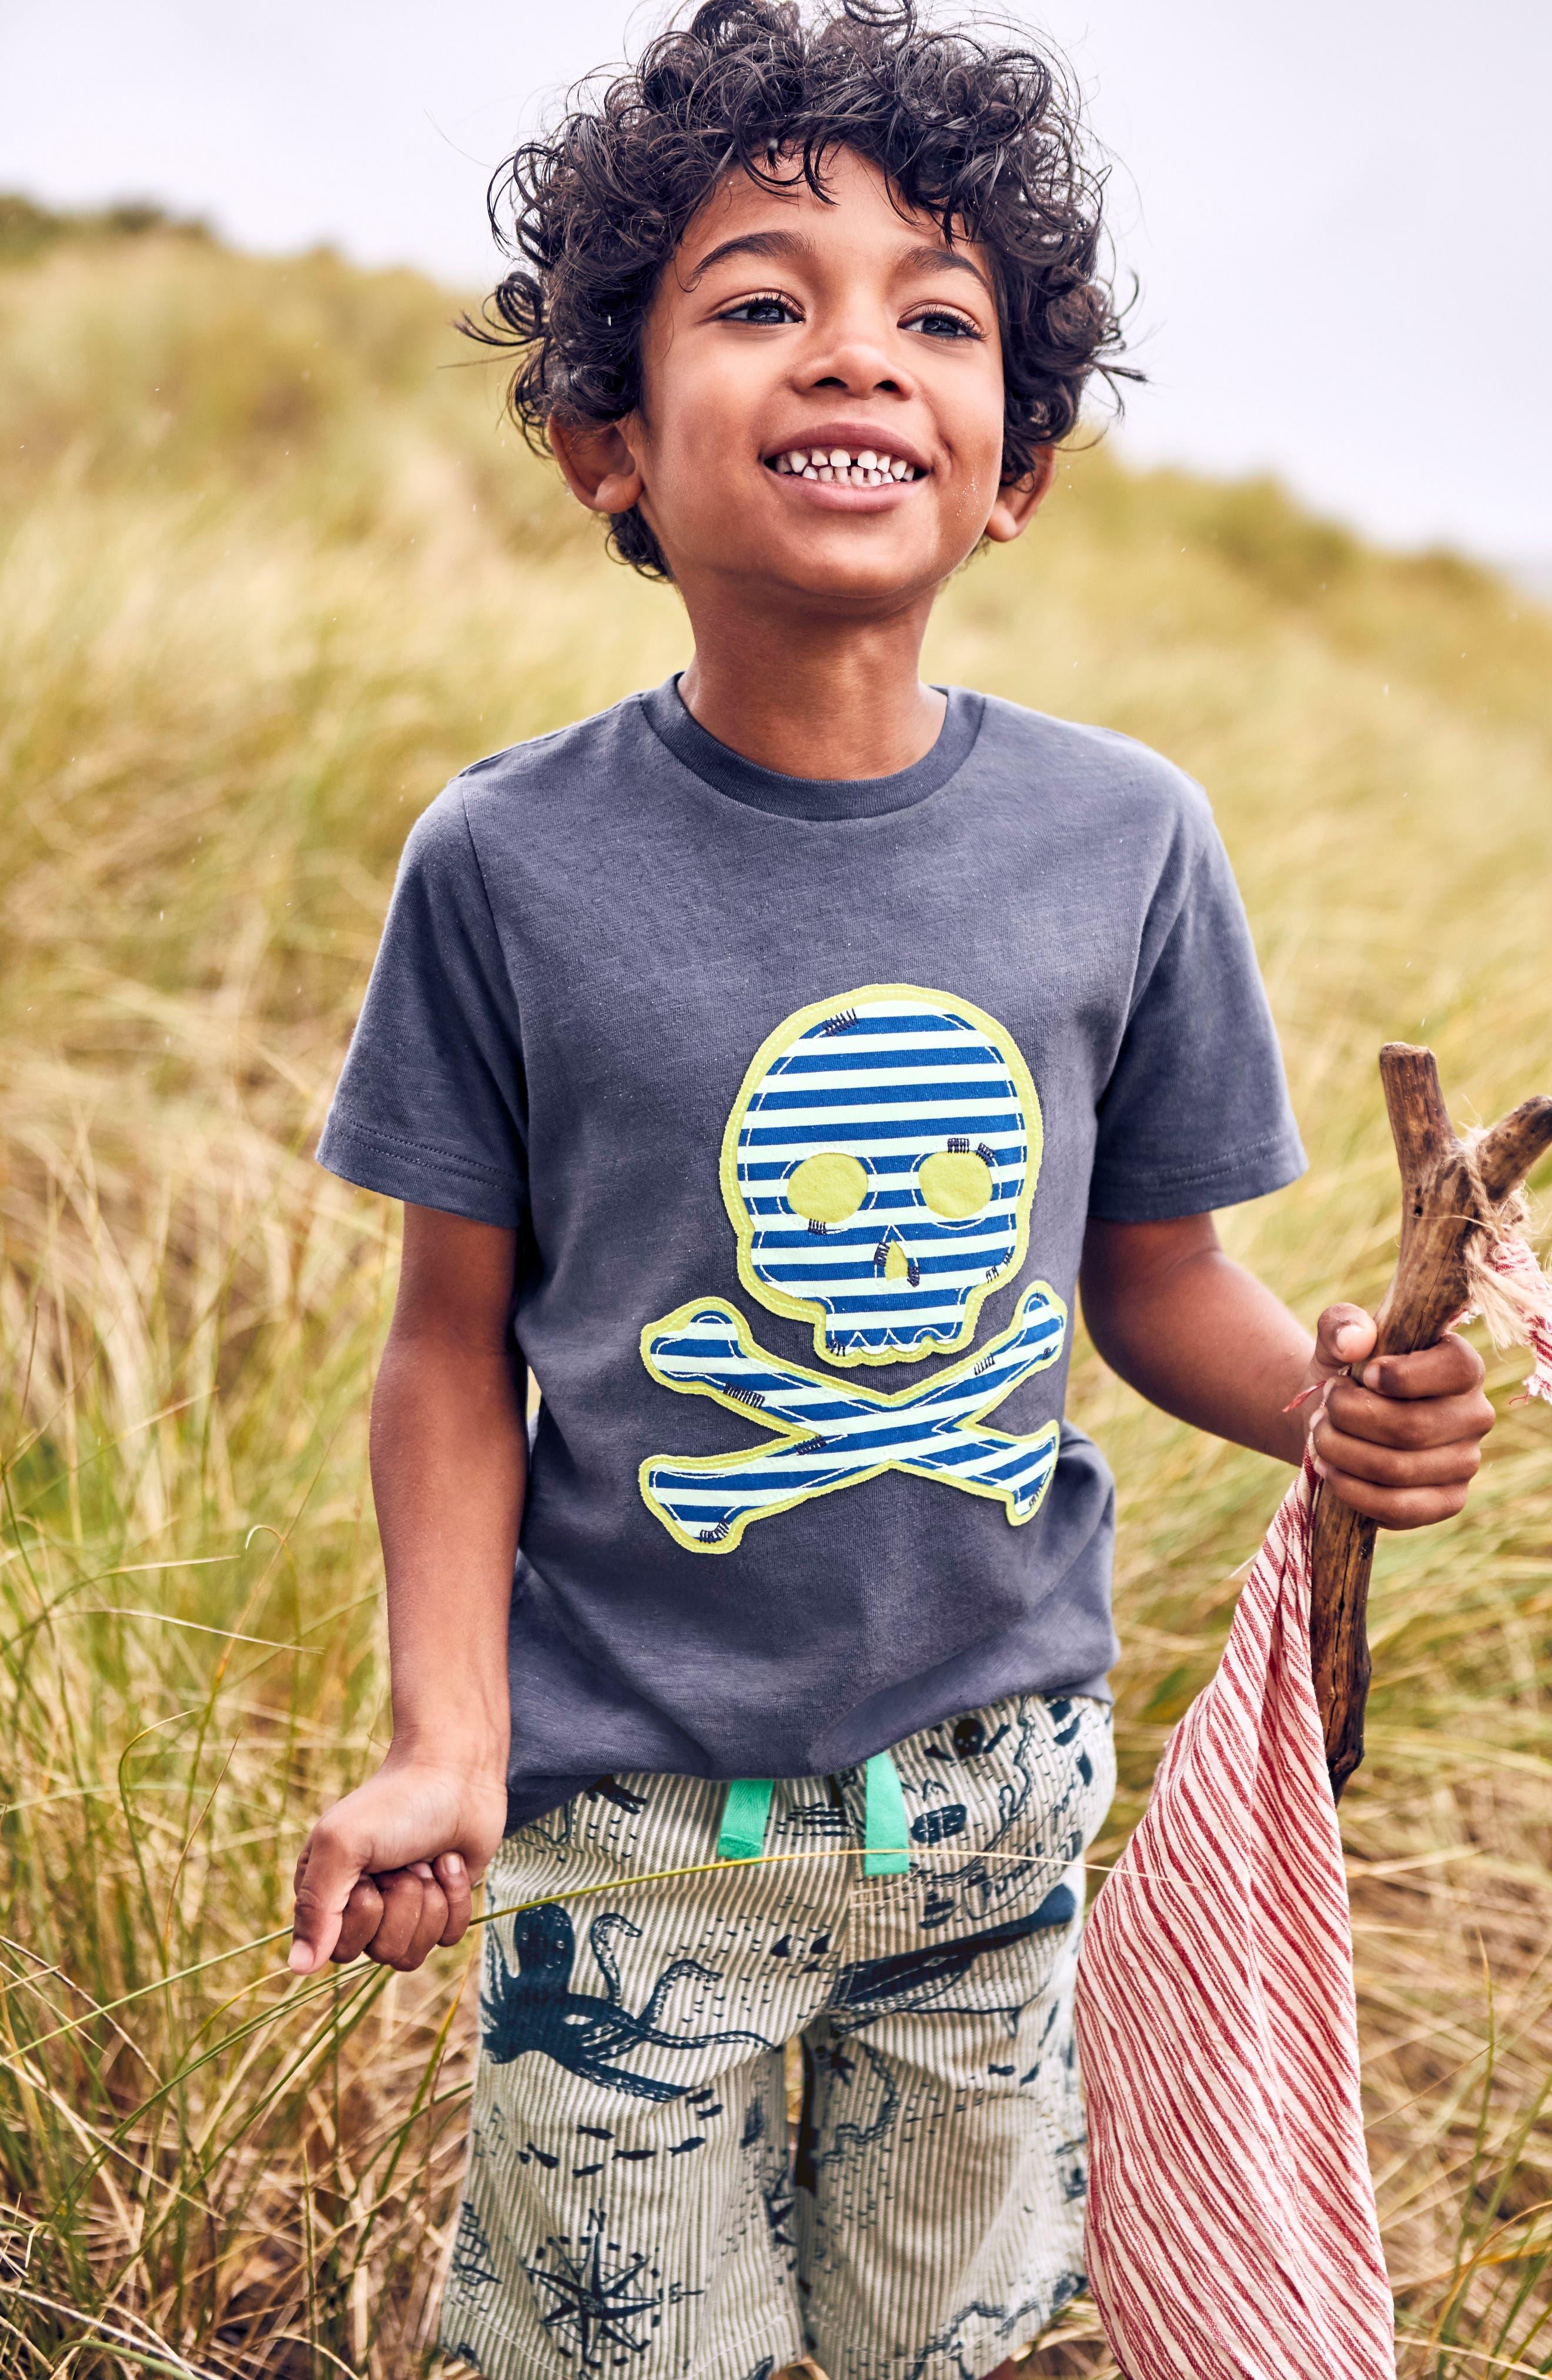 Pirate Appliqué T-Shirt,                             Alternate thumbnail 2, color,                             504